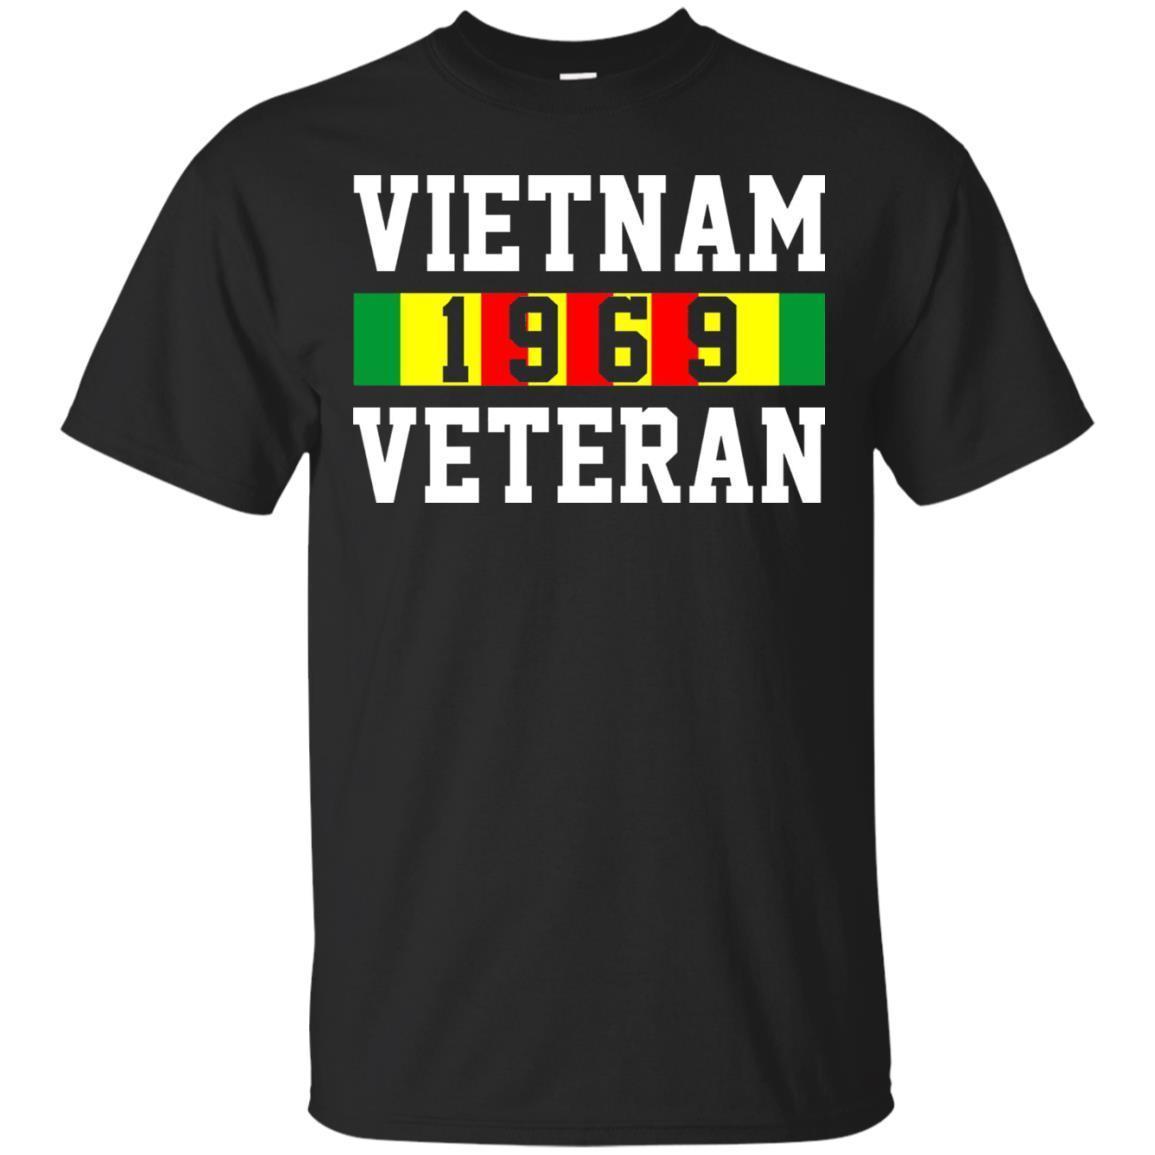 Vietnam 1969 Veteran